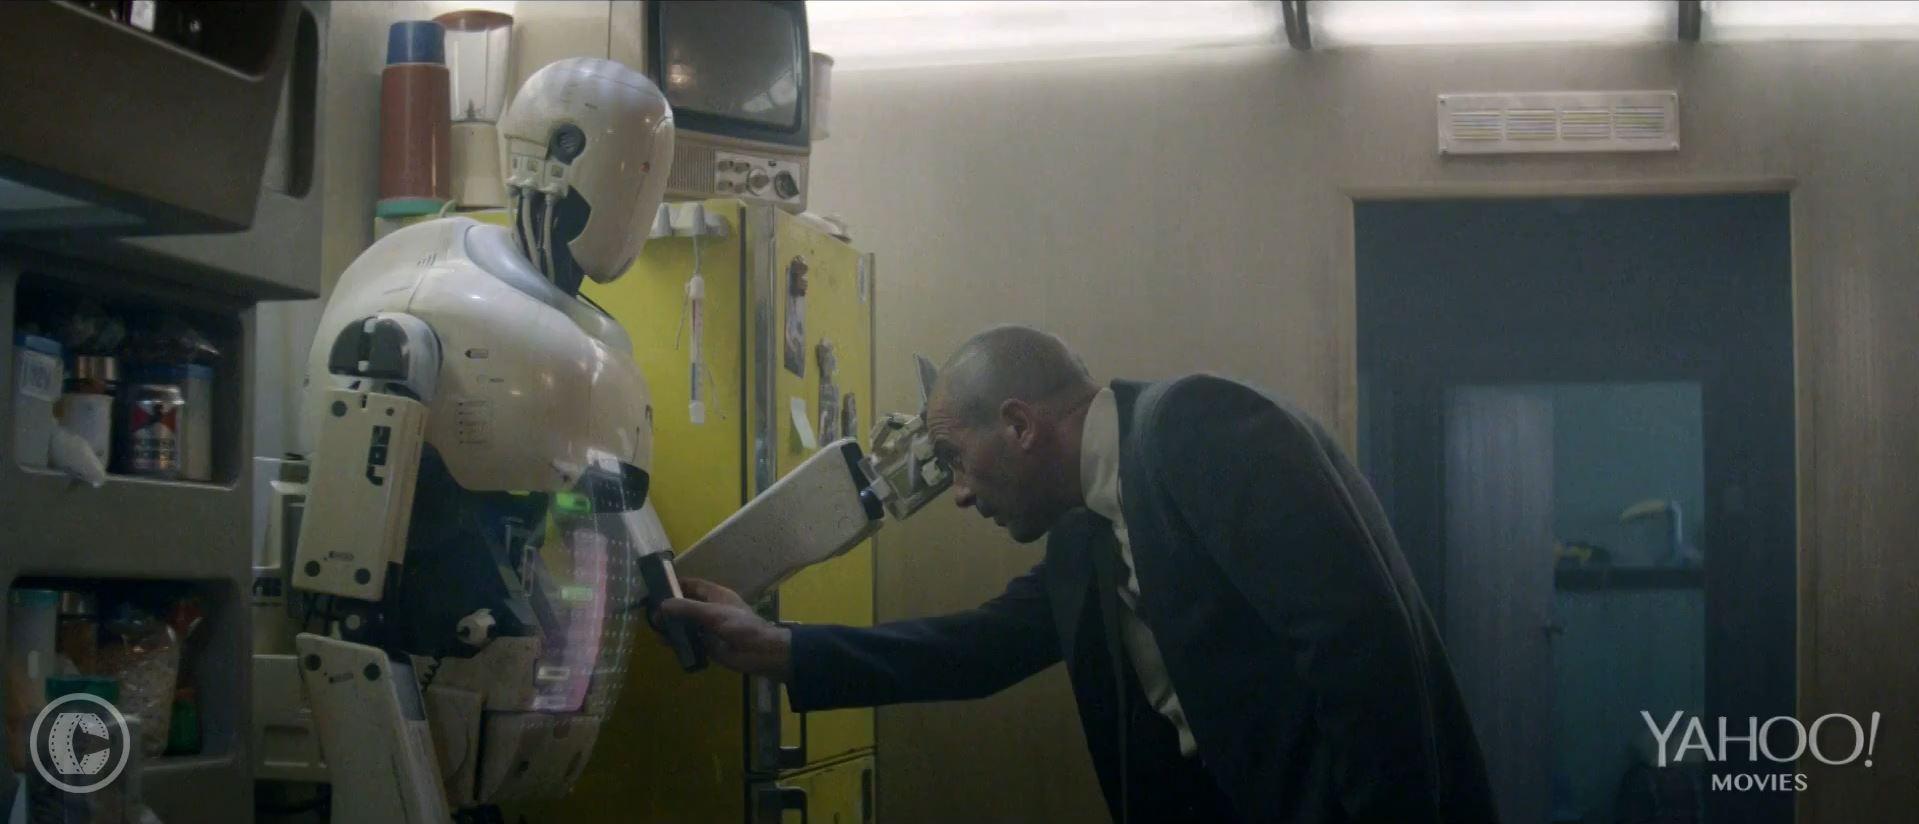 Autómata preview Antonio Banderas examining robot